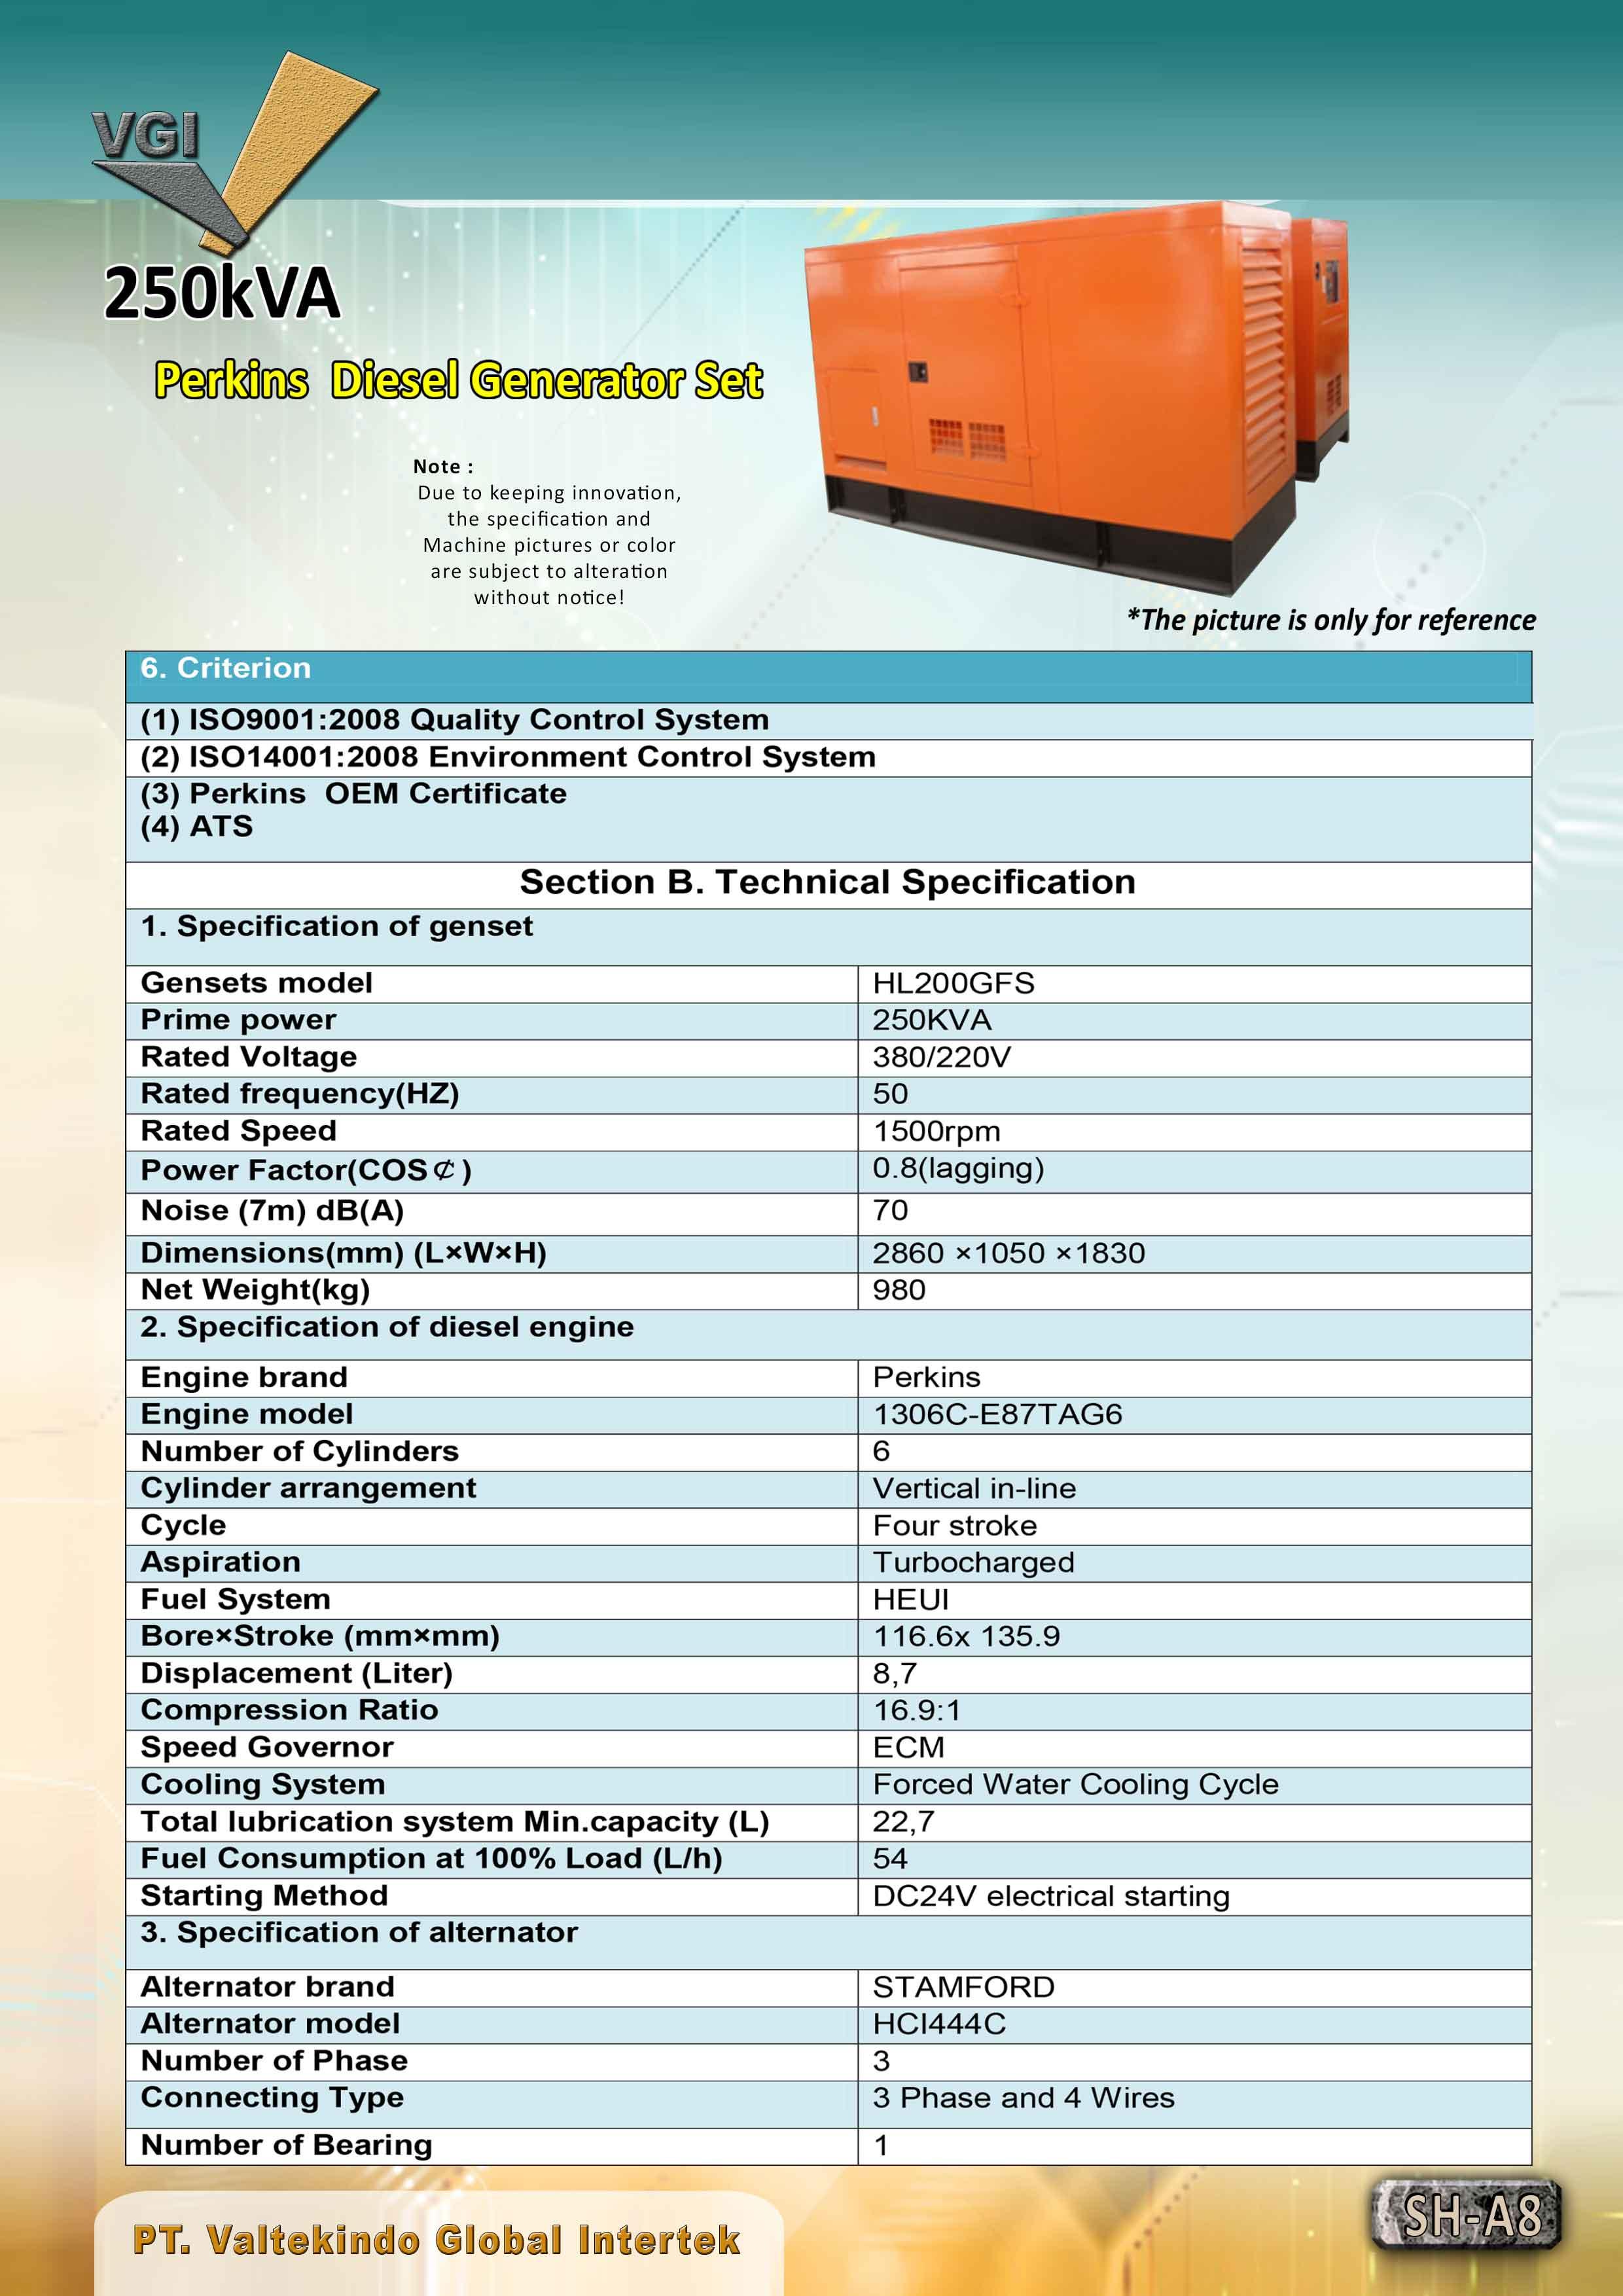 jual mesin, harga mesin, distributor mesin, jual mesin karet, daur ulang plastik Cummins Diesel Generator Set Cummins Diesel Generator Set